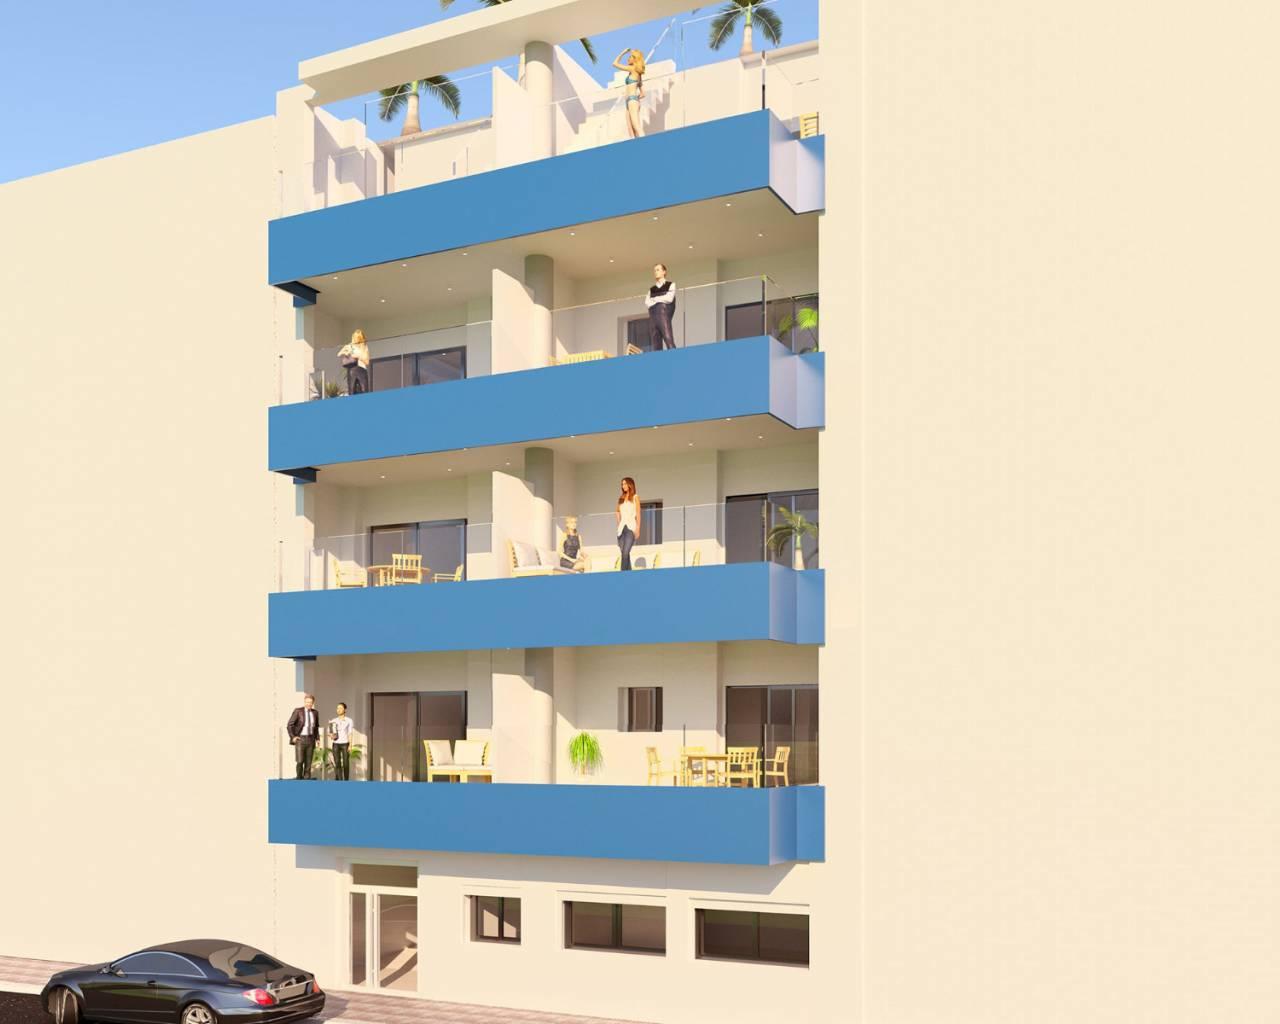 nieuwbouw-appartement-torrevieja-playa-del-cura_2510_xl